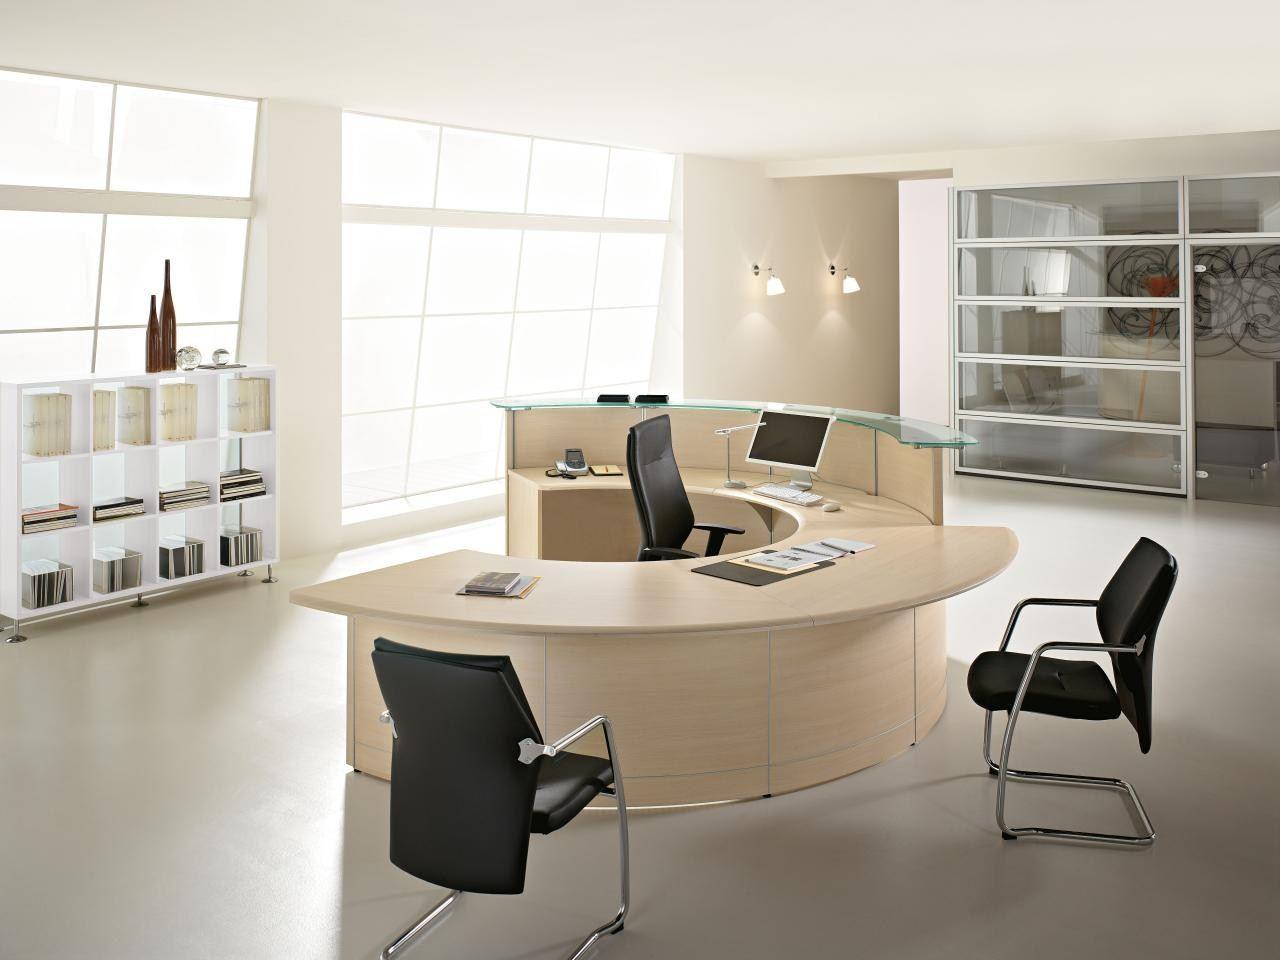 Sedie Ufficio Mondoffice : Mondo office mobili per ufficio u idea d immagine di decorazione